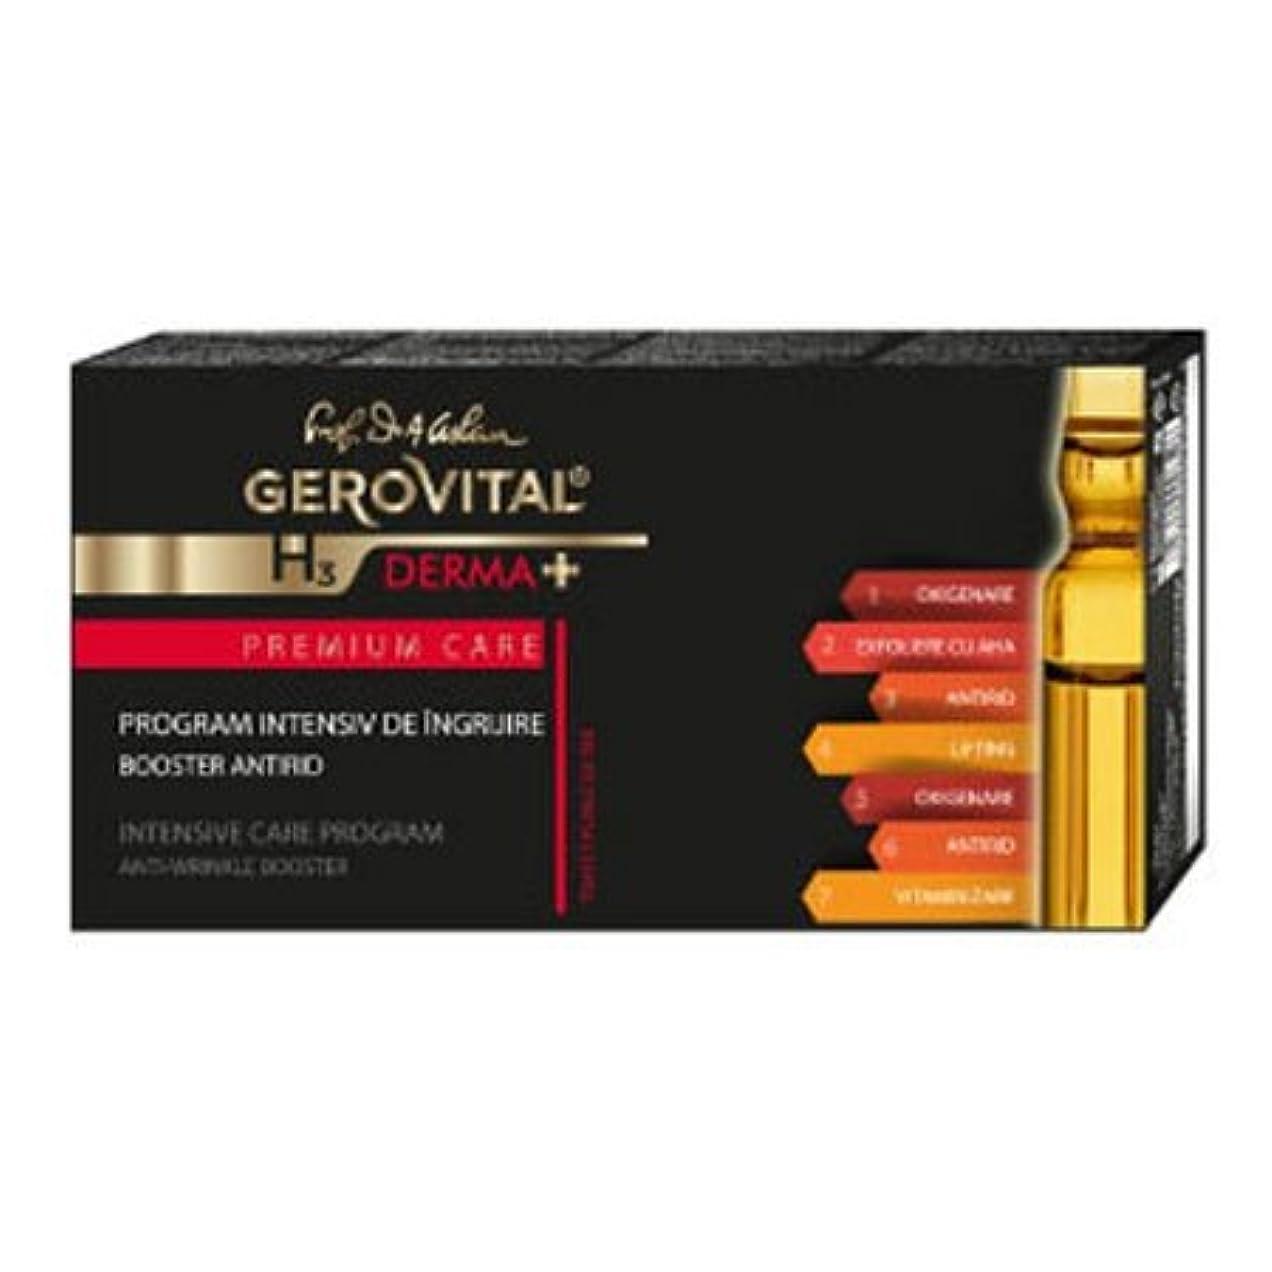 矩形保全許容ジェロビタール H3 デルマ+ プレミアムケア アンチリンクルブースター 7 vials x 2 ml [海外直送] [並行輸入品]